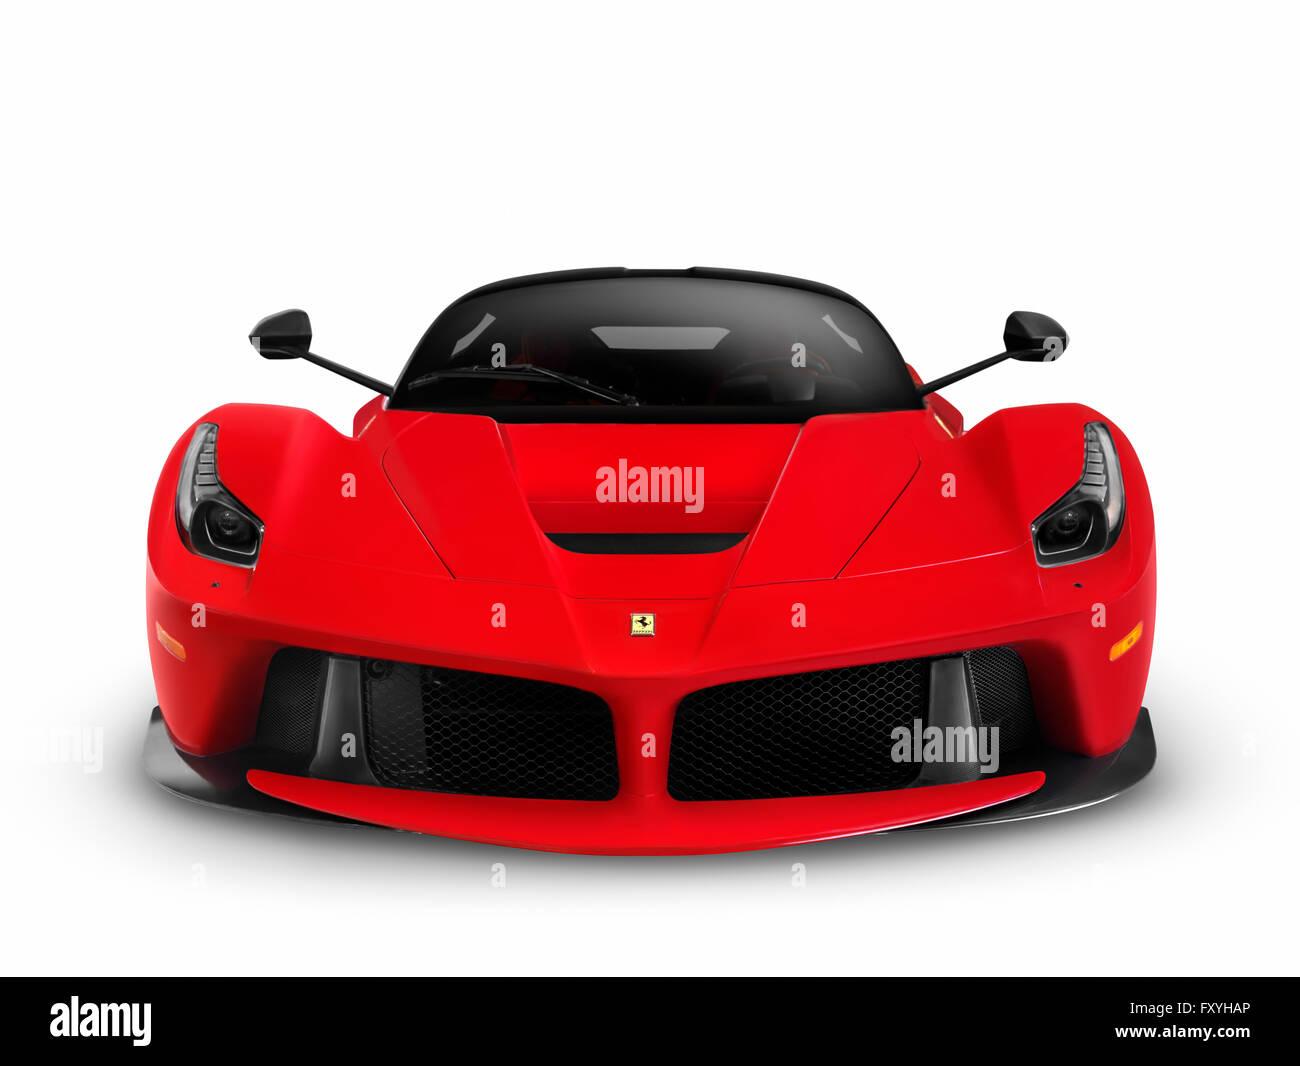 Ferrari F150 Stock Photos & Ferrari F150 Stock Images - Alamy